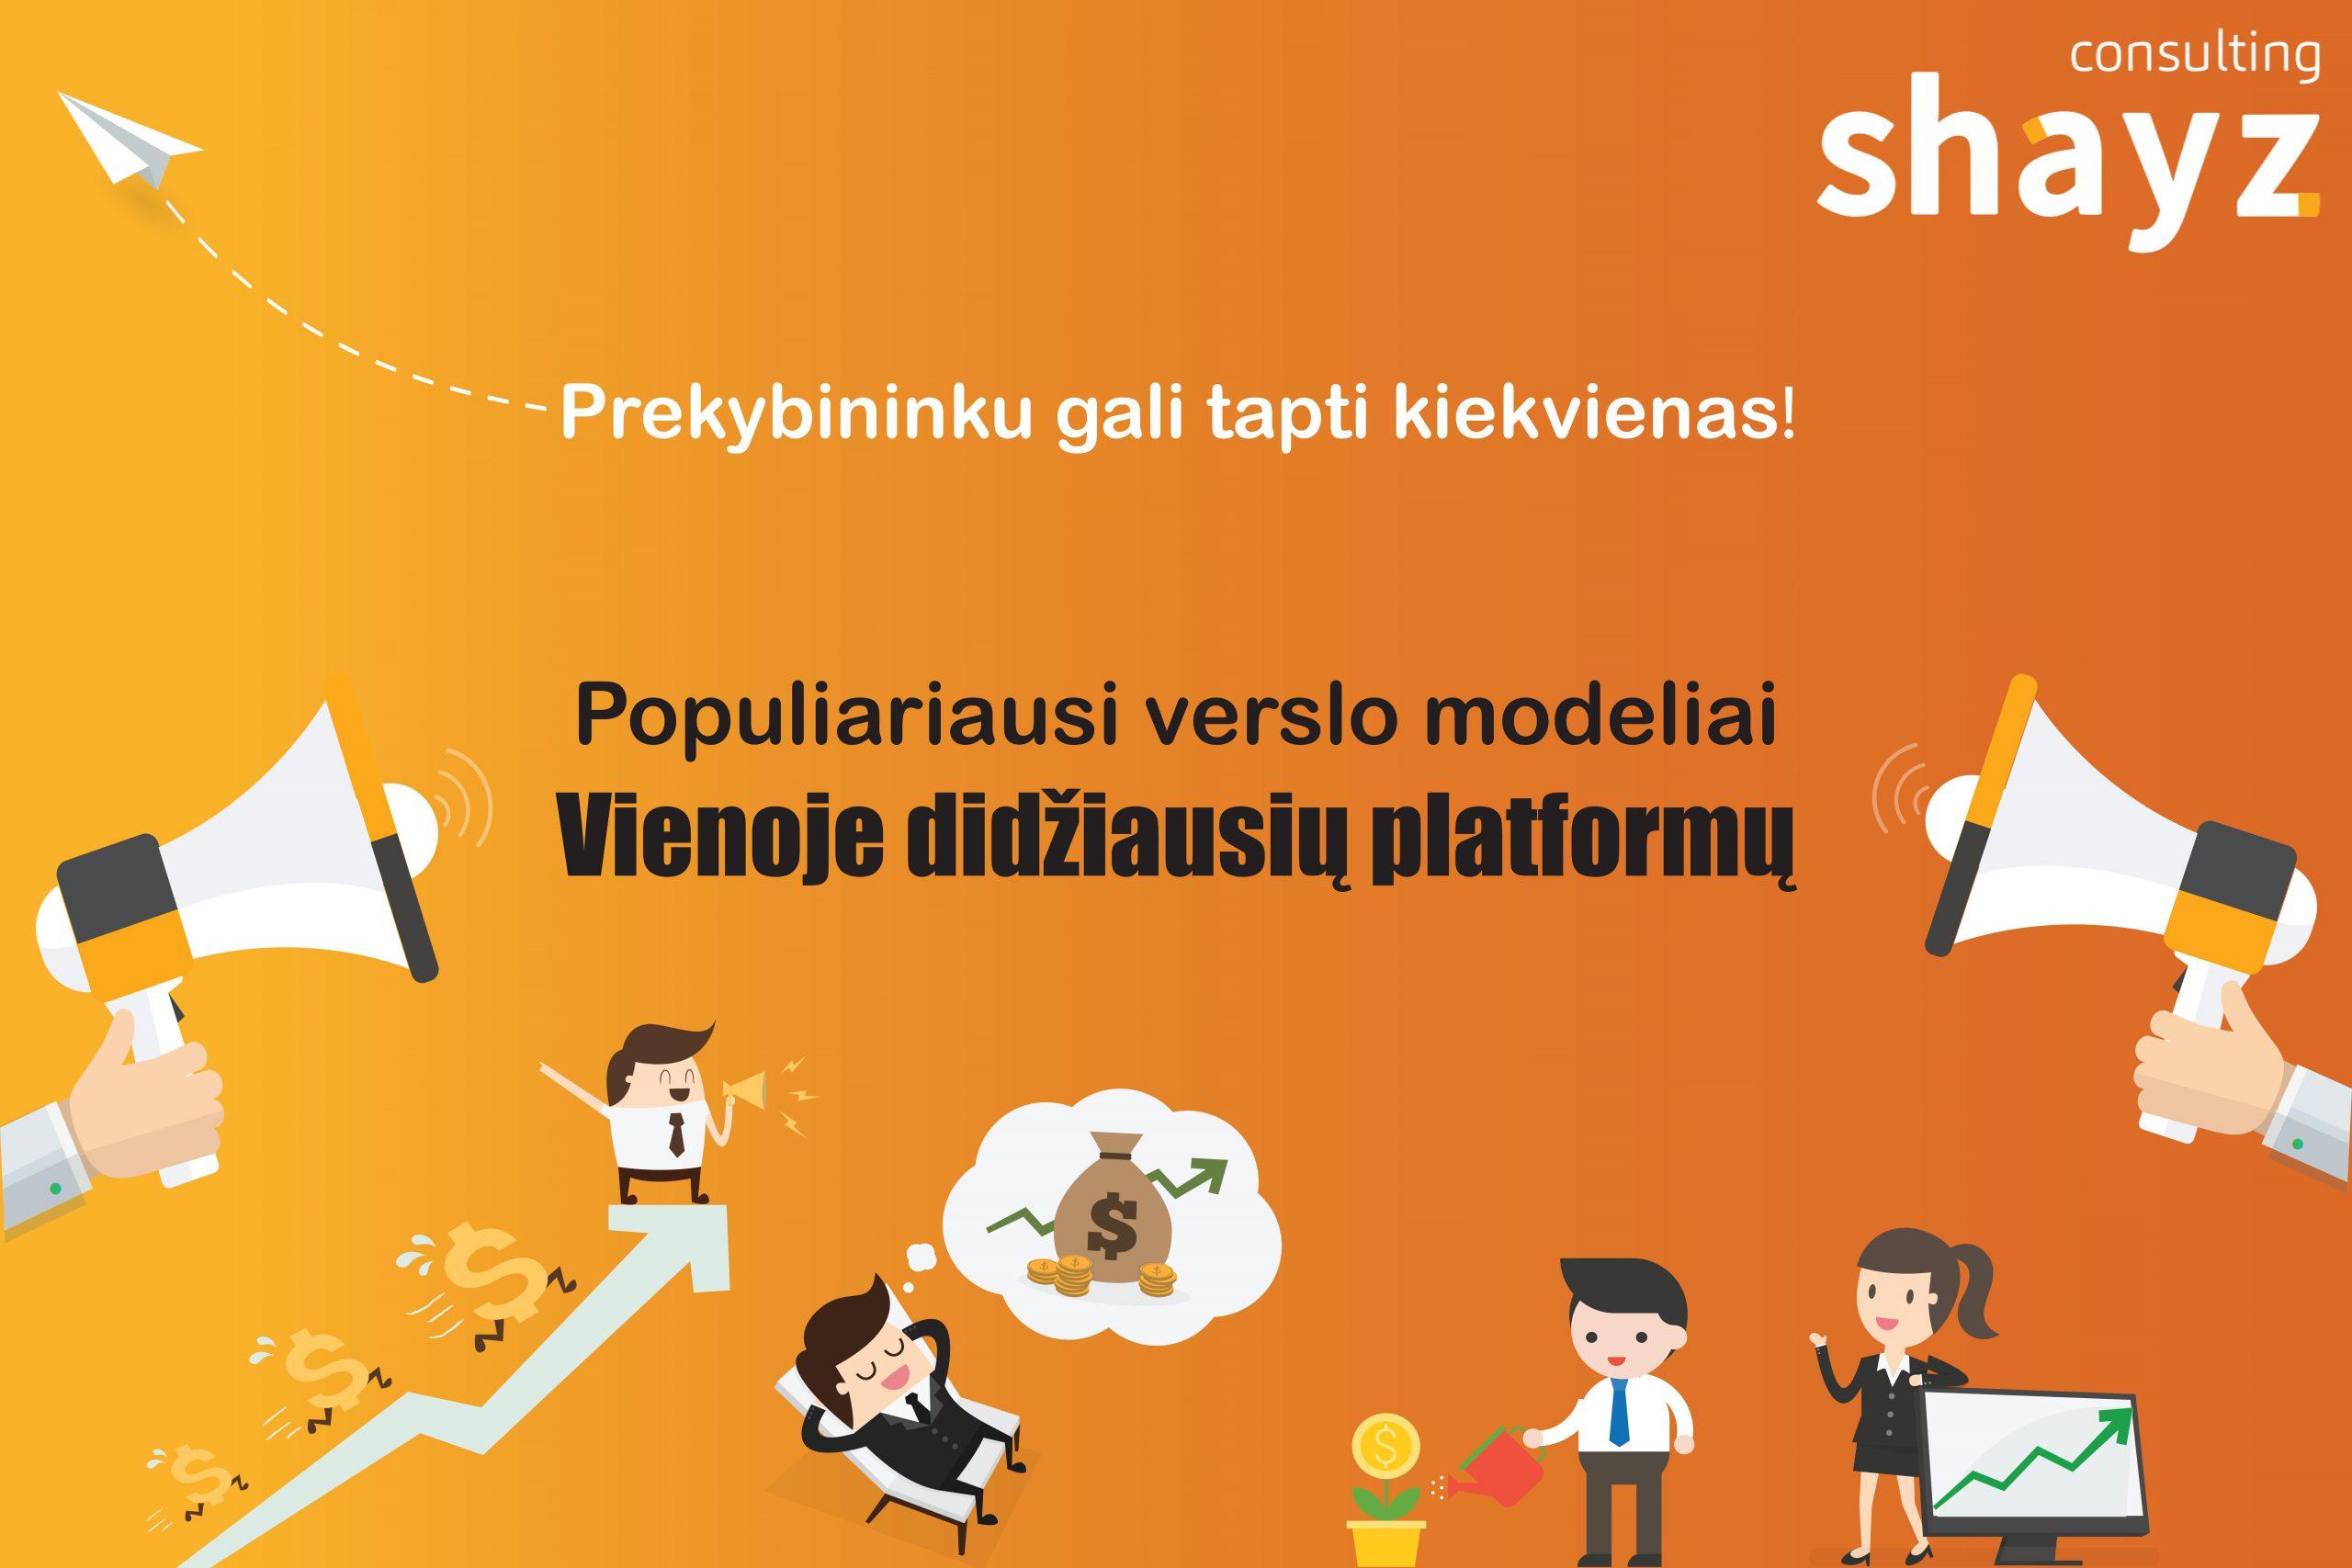 Prekybininku gali tapti kiekvienas: populiariausi verslo modeliai vienoje didžiausių platformų